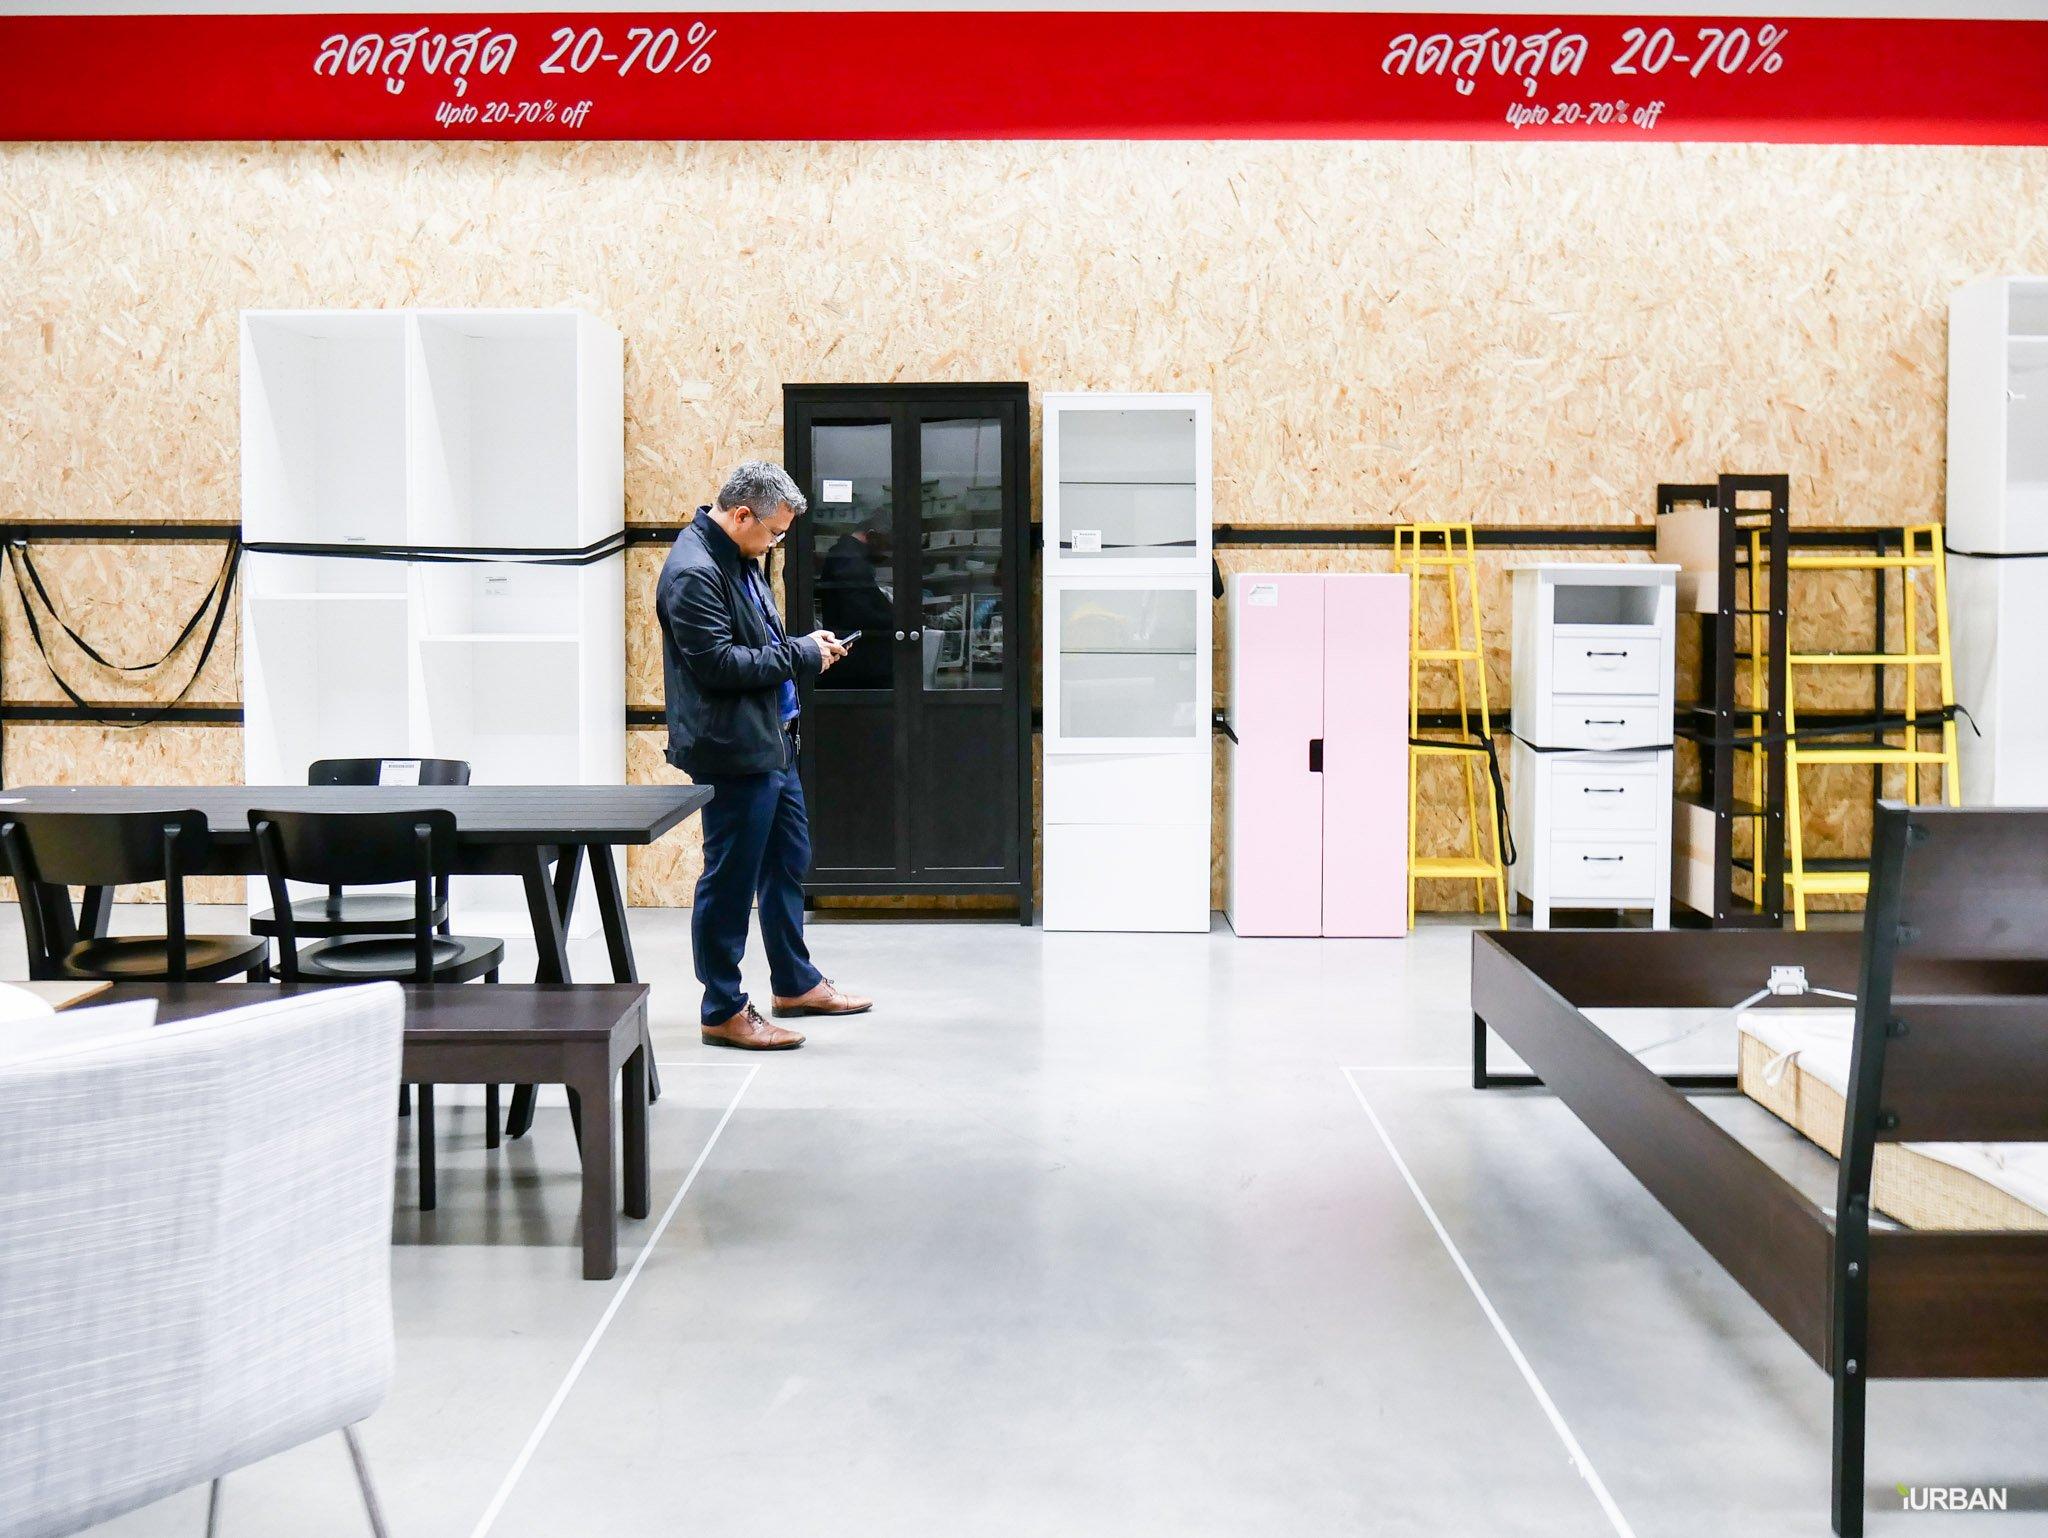 ช้อปที่ IKEA มีส่งของด่วนแล้ว 3 ชม. ถึงบ้าน เริ่ม 350 บาทโดย Deliveree 20 - Deliveree